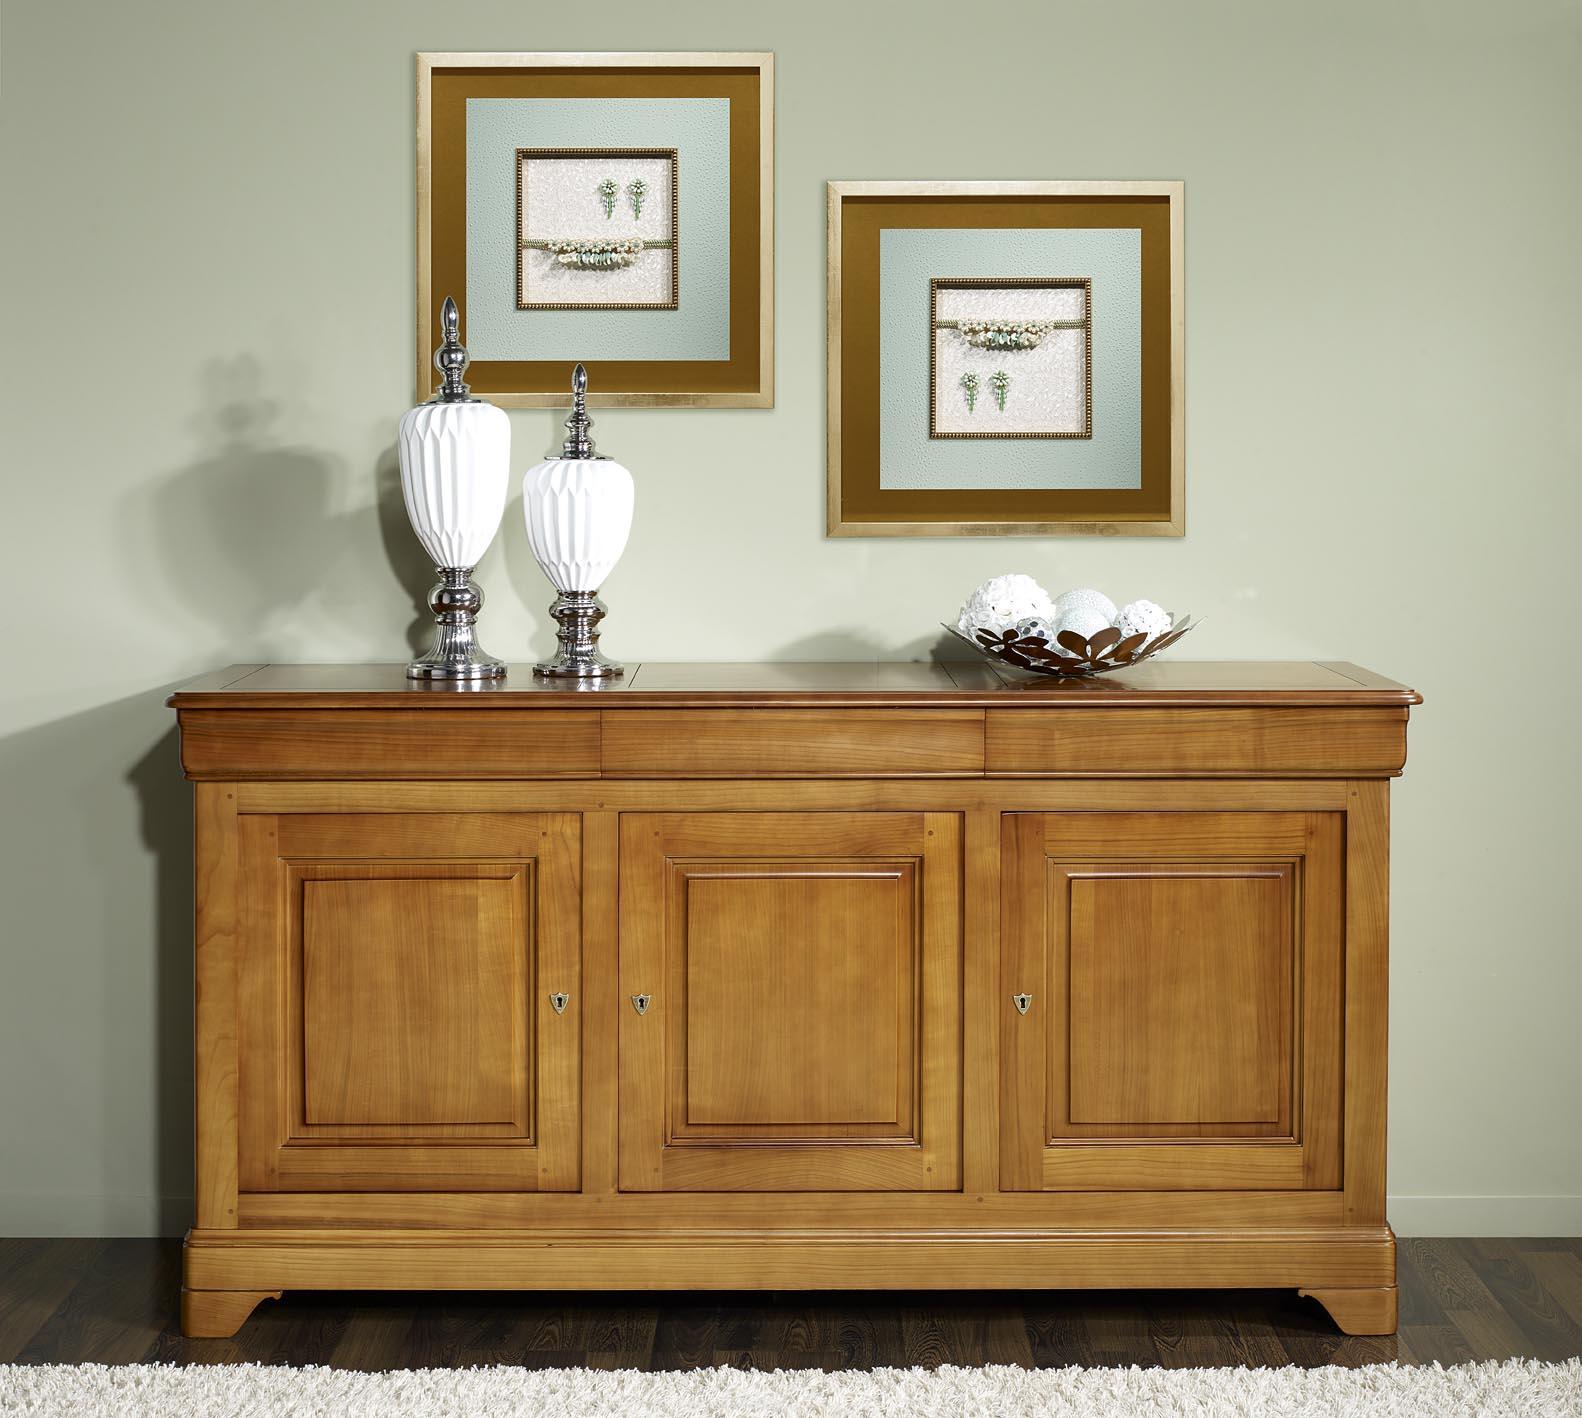 buffet 3 portes estelle en merisier massif de style louis philippe meuble en merisier massif. Black Bedroom Furniture Sets. Home Design Ideas